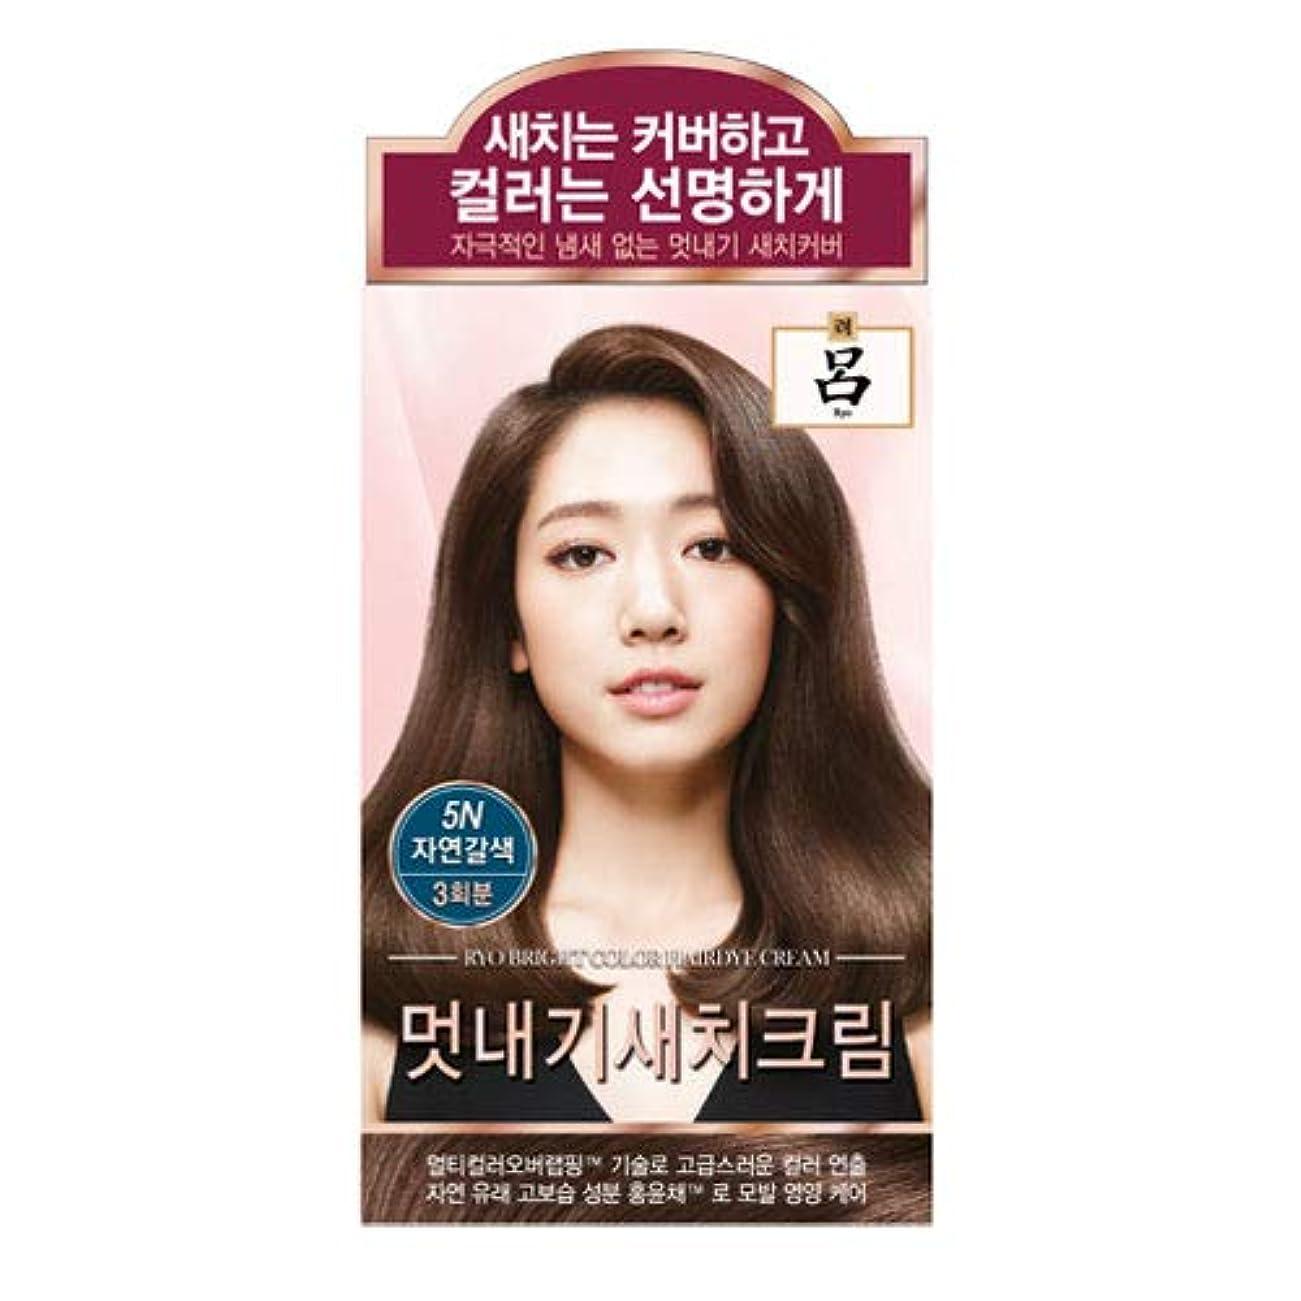 天窓彼女の柔らかさアモーレパシフィック呂[AMOREPACIFIC/Ryo] ブライトカラーヘアアイクリーム 5N ナチュラルブラウン/Bright Color Hairdye Cream 5N Natural Brown